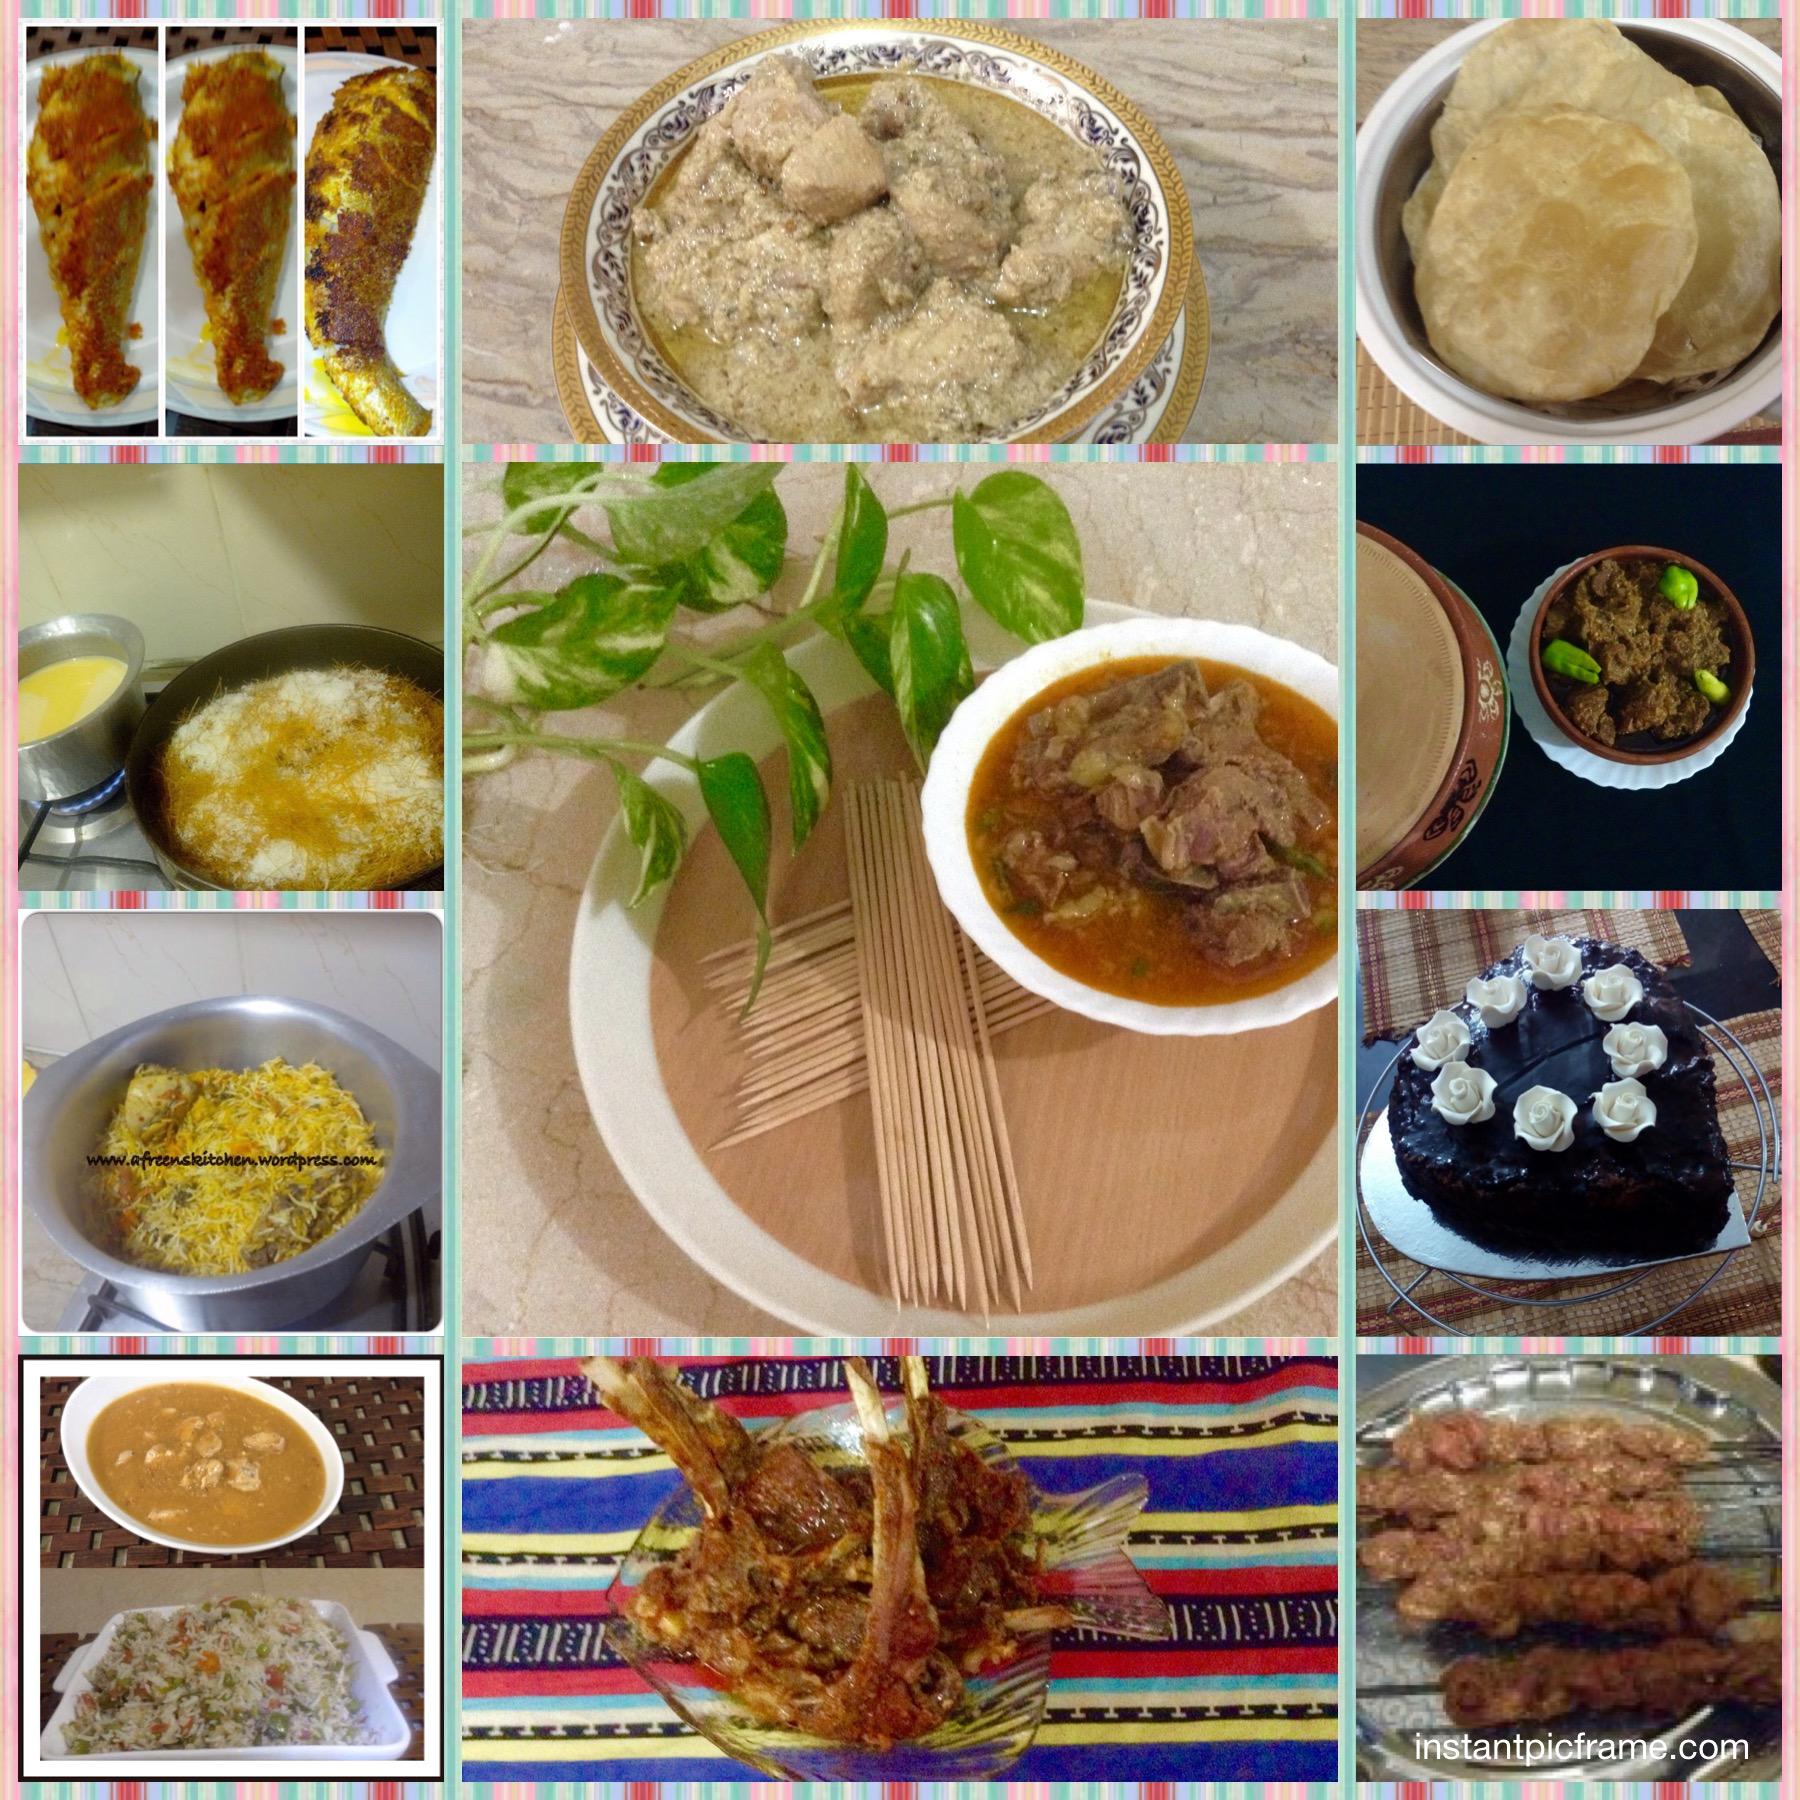 Afreen's kitchen